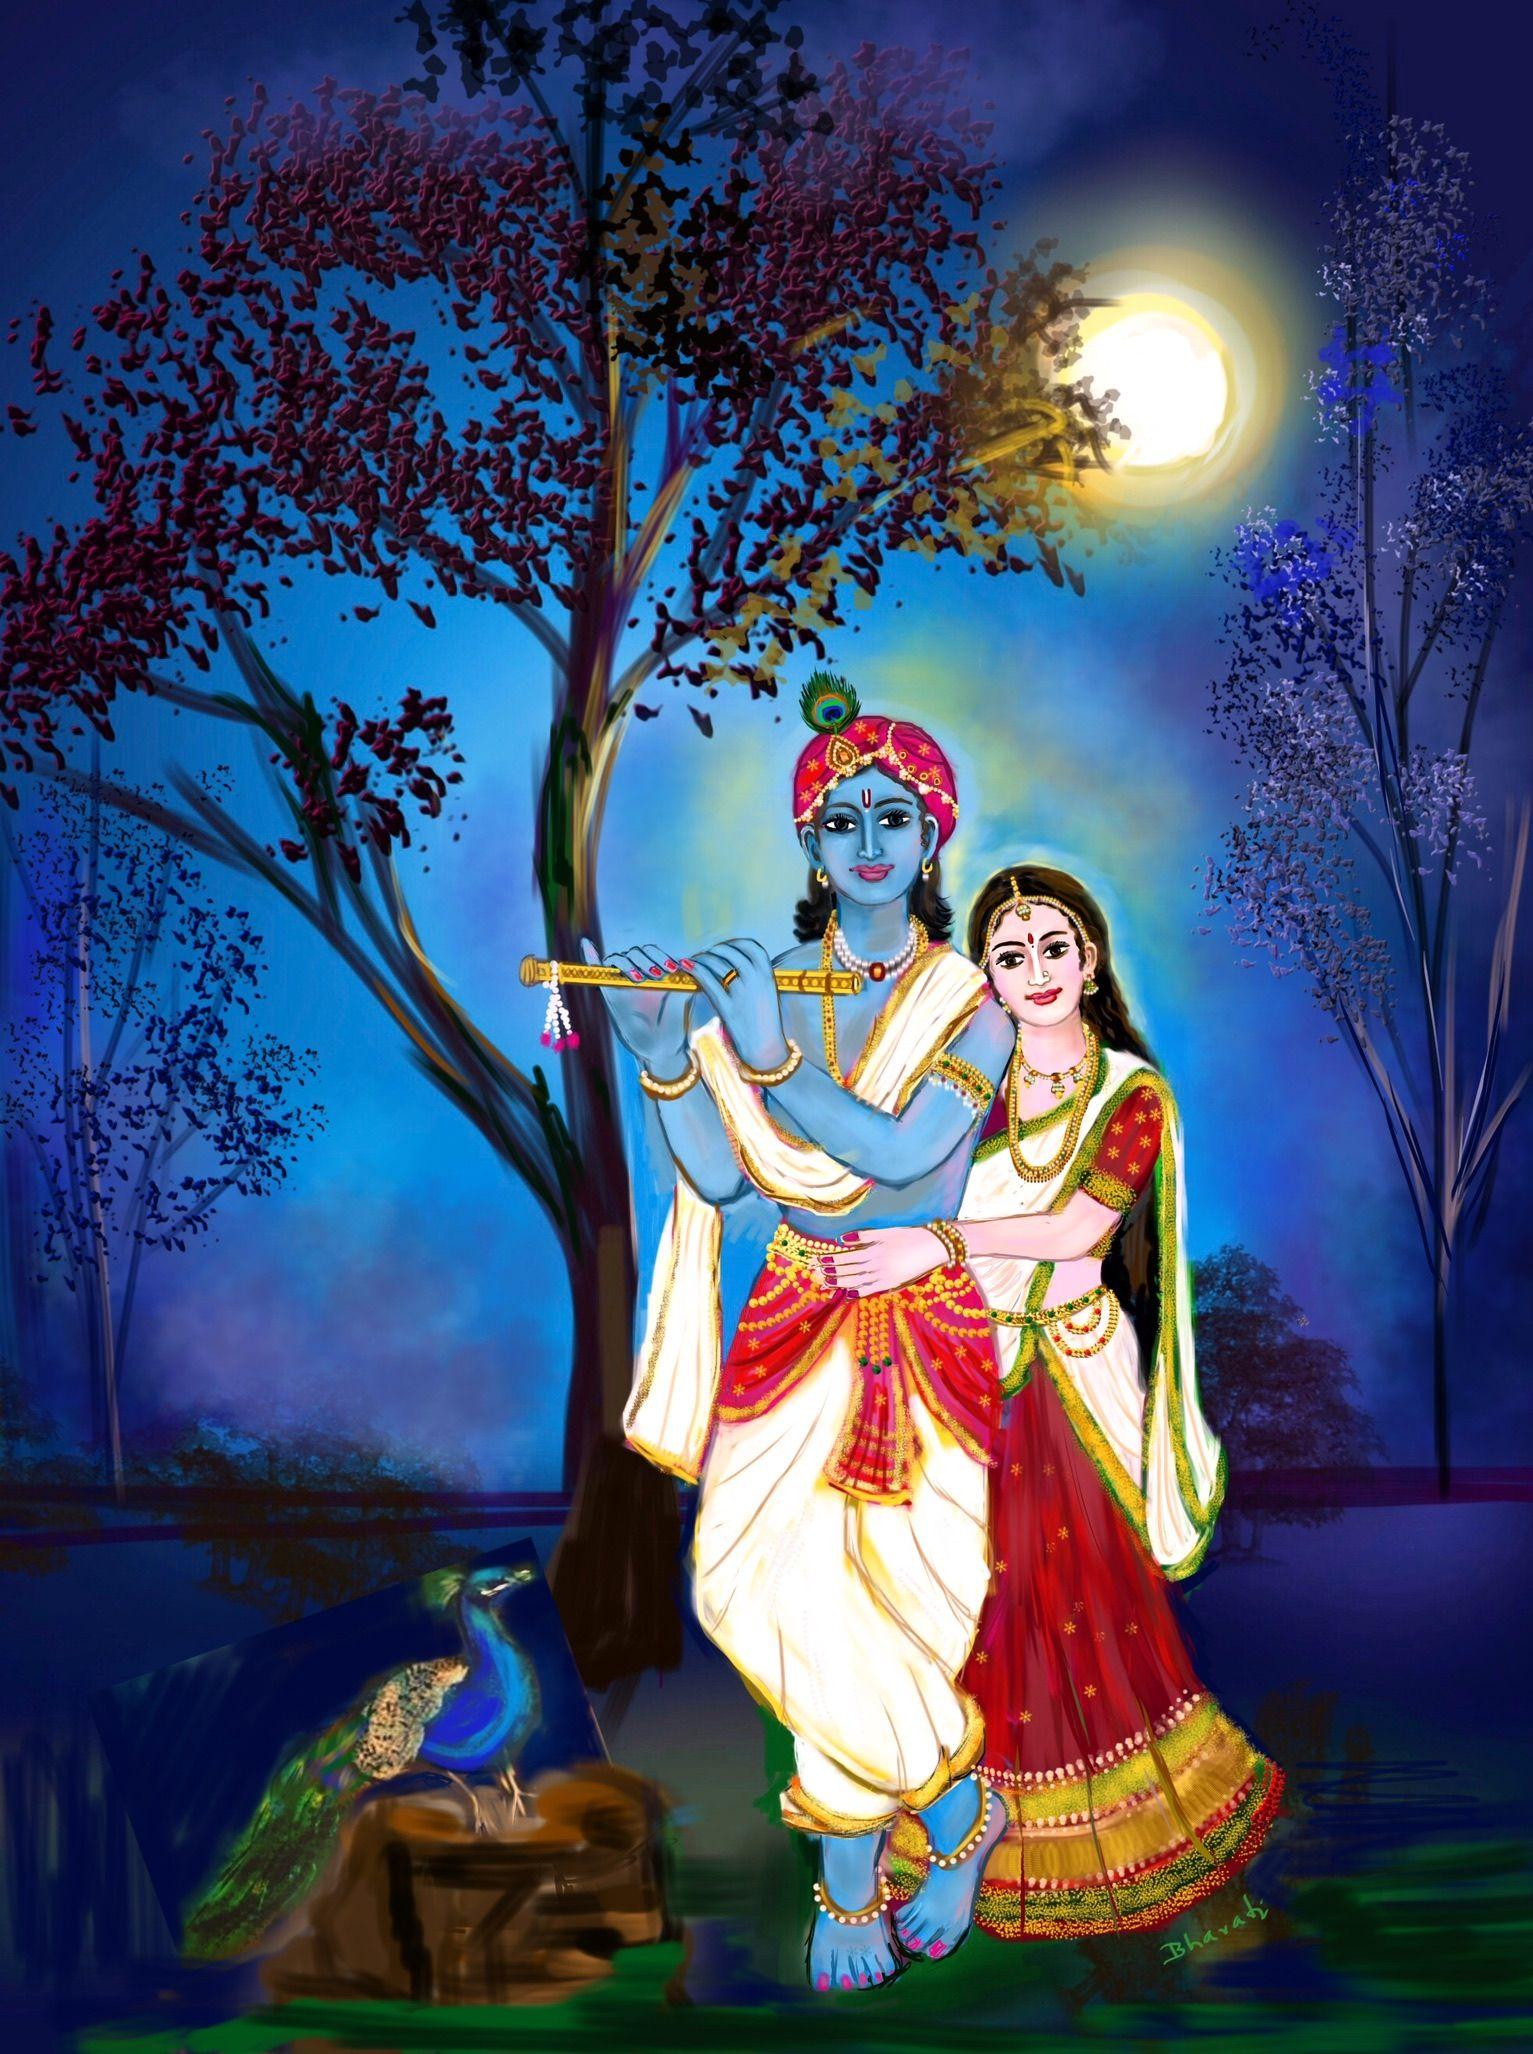 radha krishna images for whatsapp